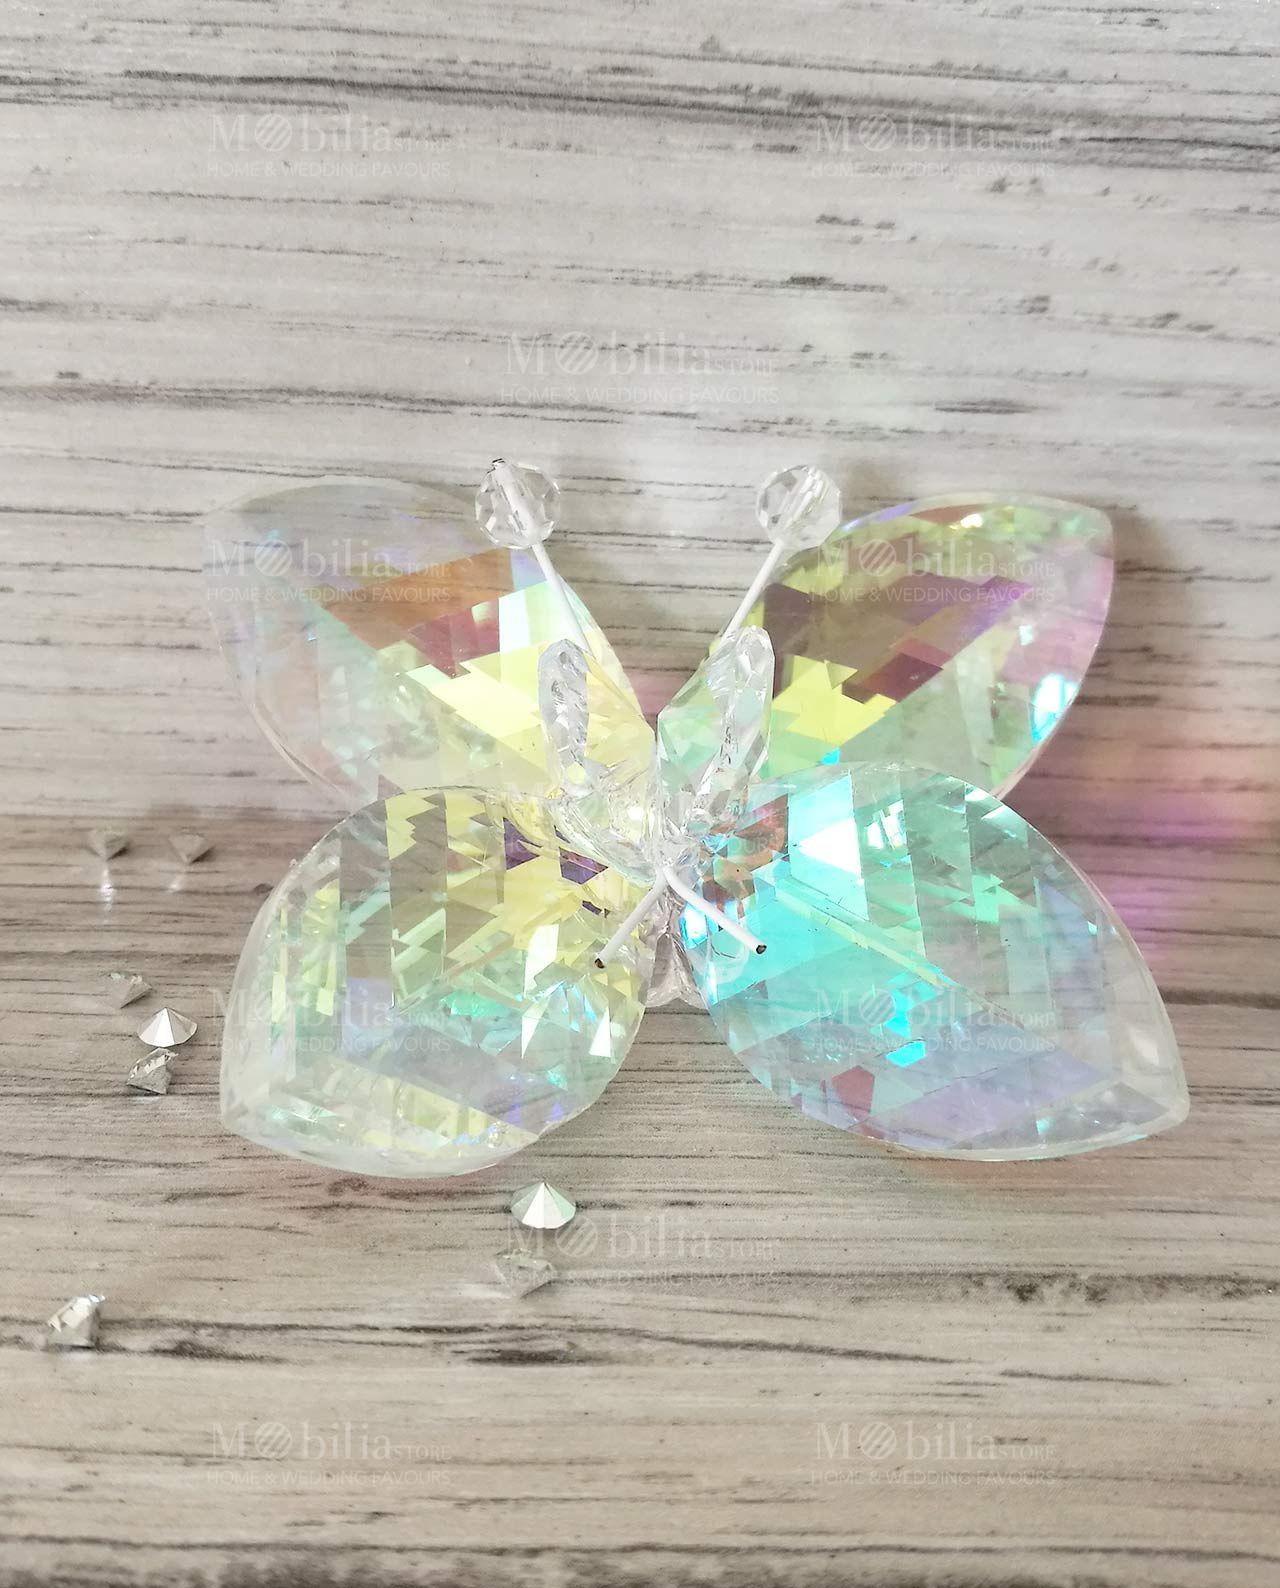 Farfalle Segnaposto Colorate Swarovski Tufano. Scopri gli Sconti fino al 60% Online su Mobilia Store.